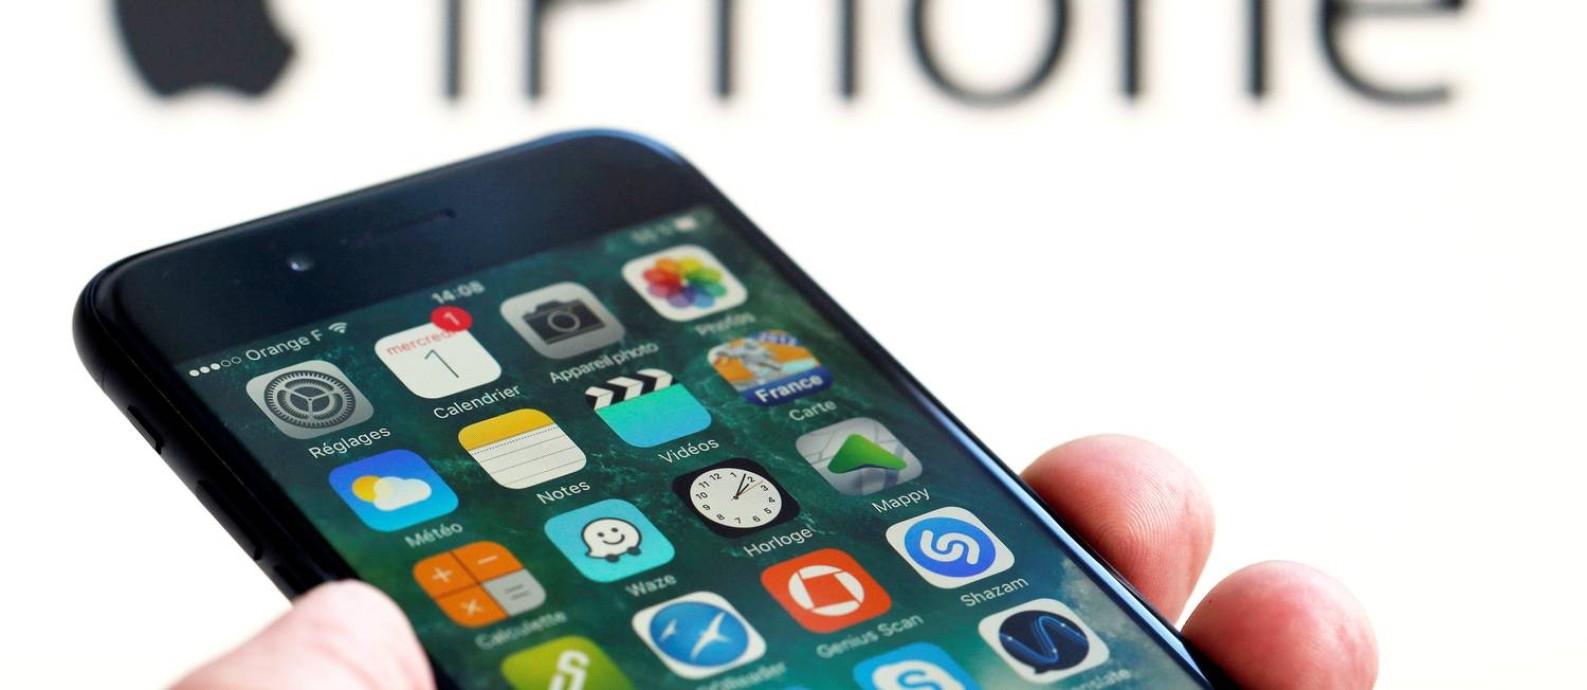 No trimestre encerrado em dezembro, as vendas de iPhones despencaram 14,9% Foto: REGIS DUVIGNAU / REUTERS